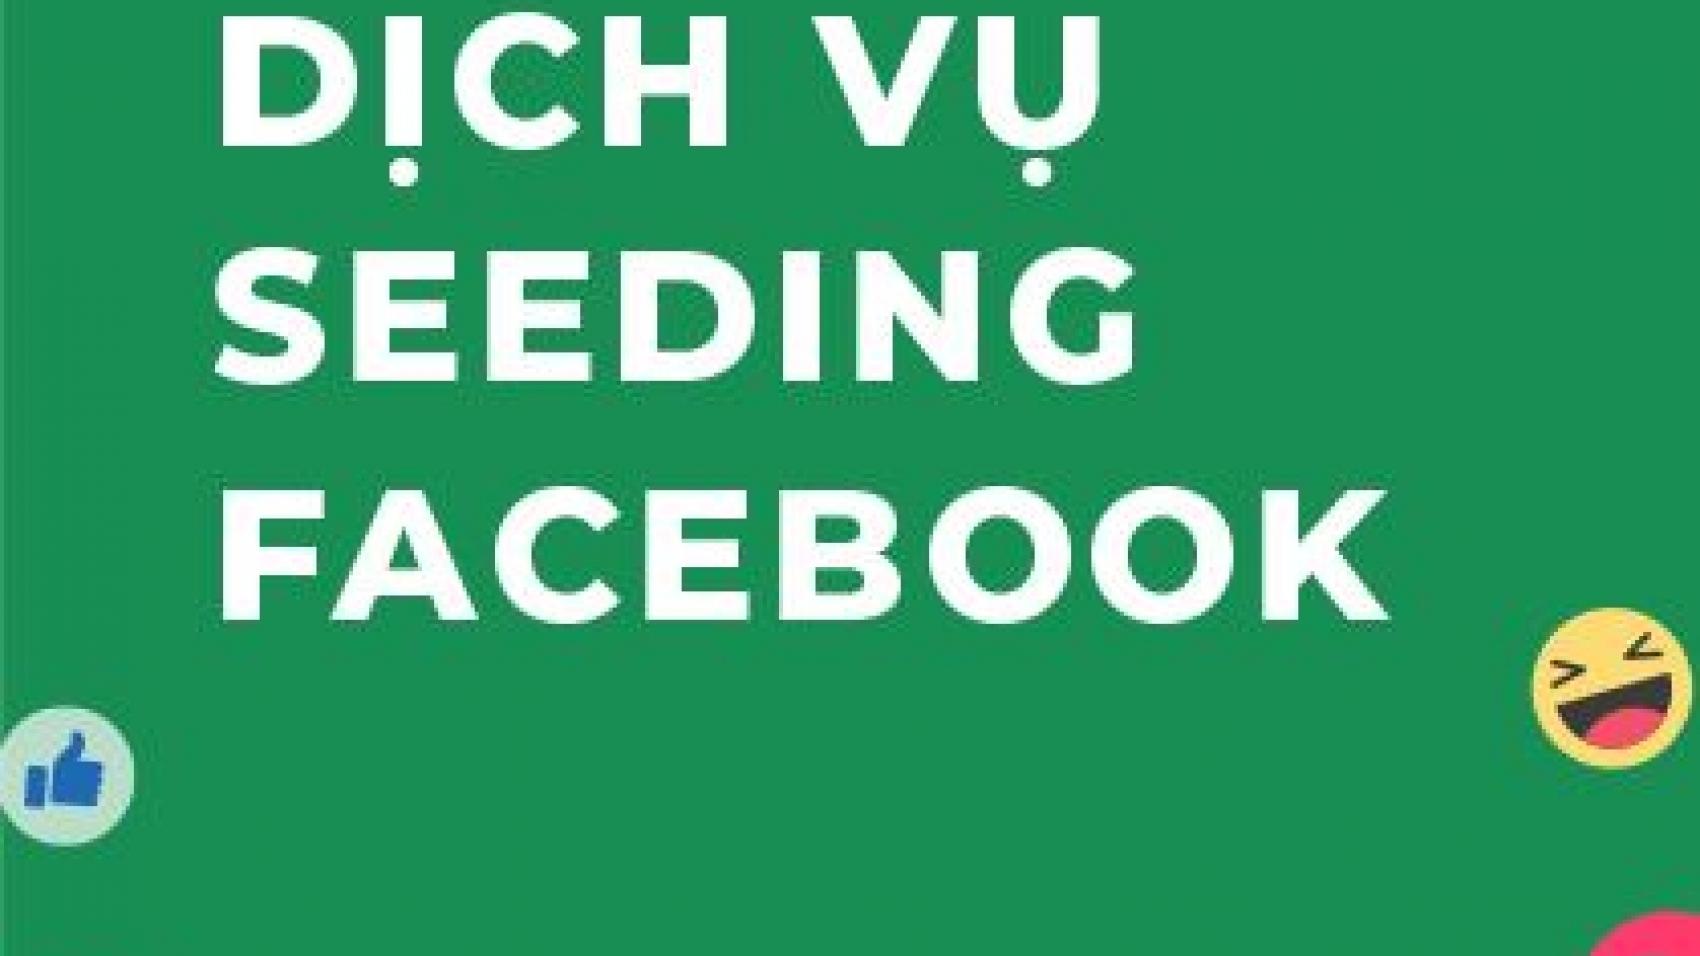 Khi Nào Cần Đến Dịch Vụ Seeding Facebook